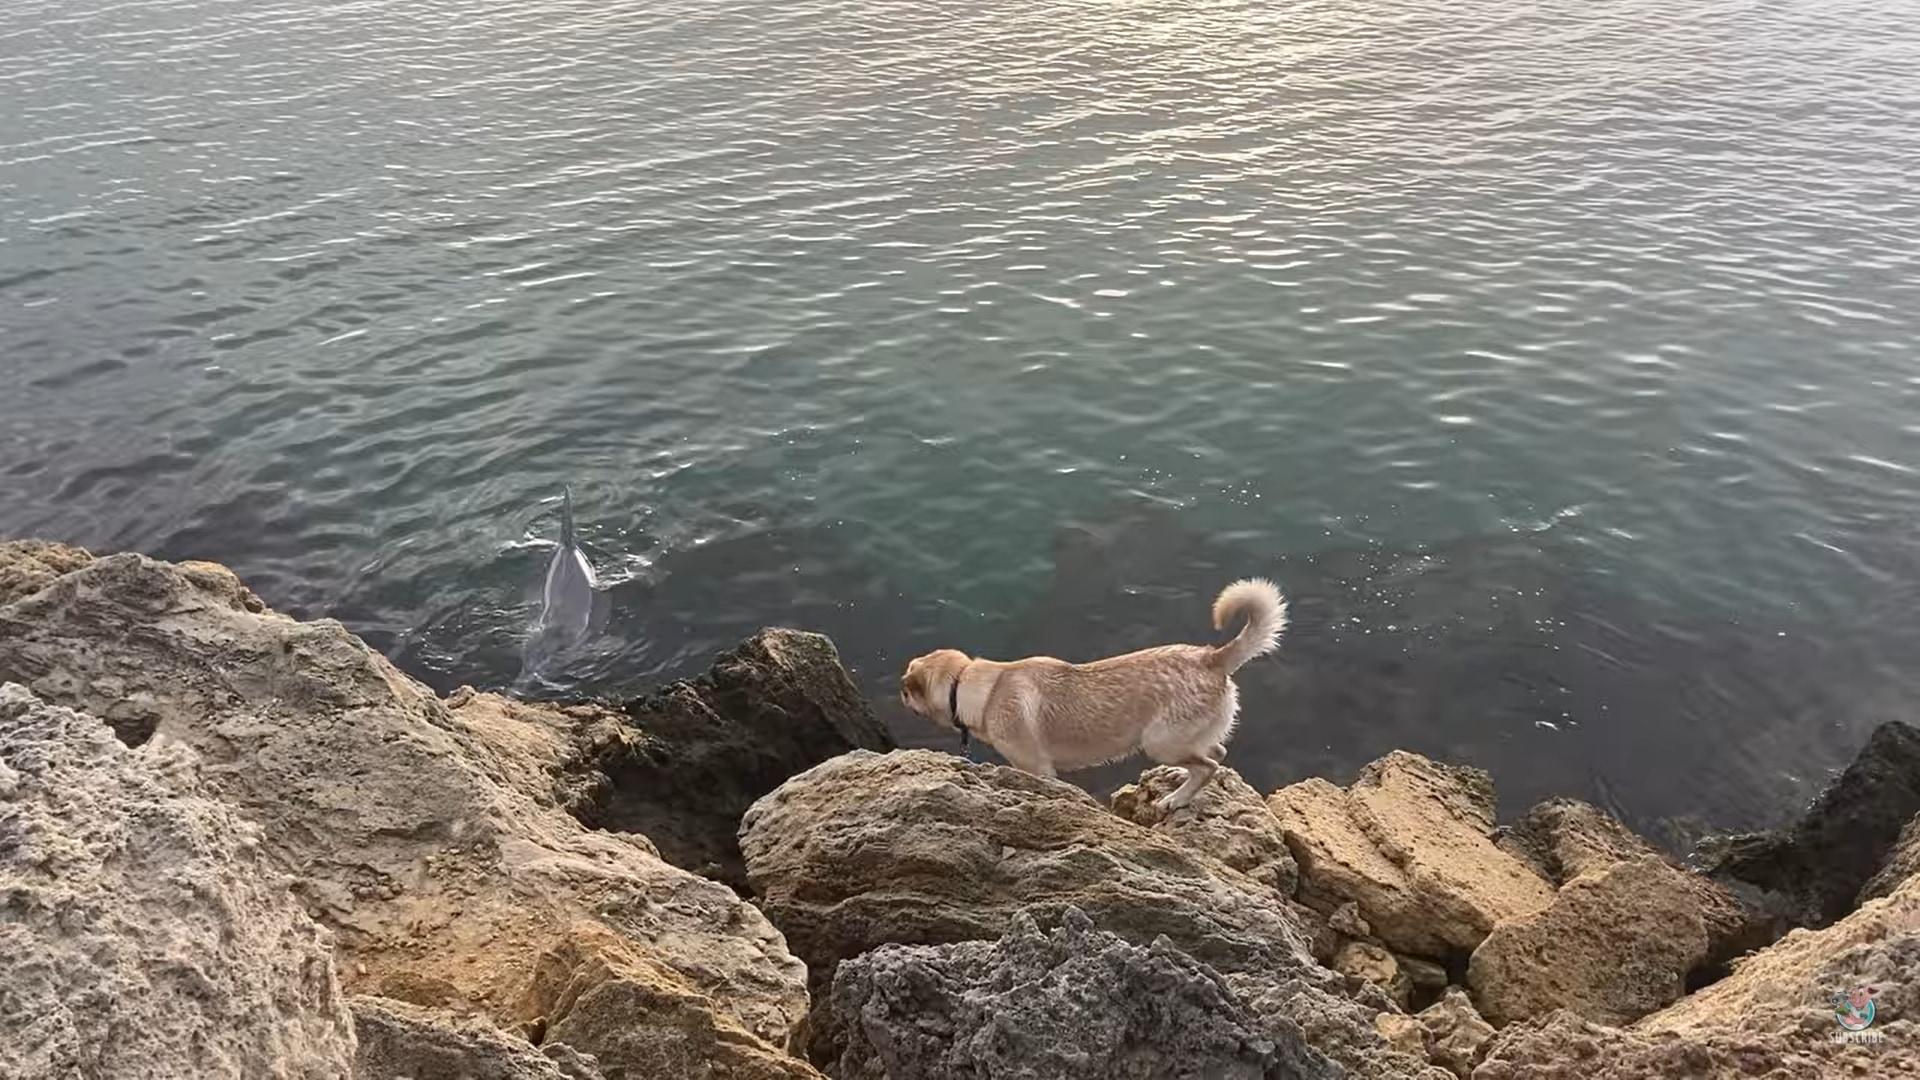 散歩中のワンコは、海岸である動物に出会いました